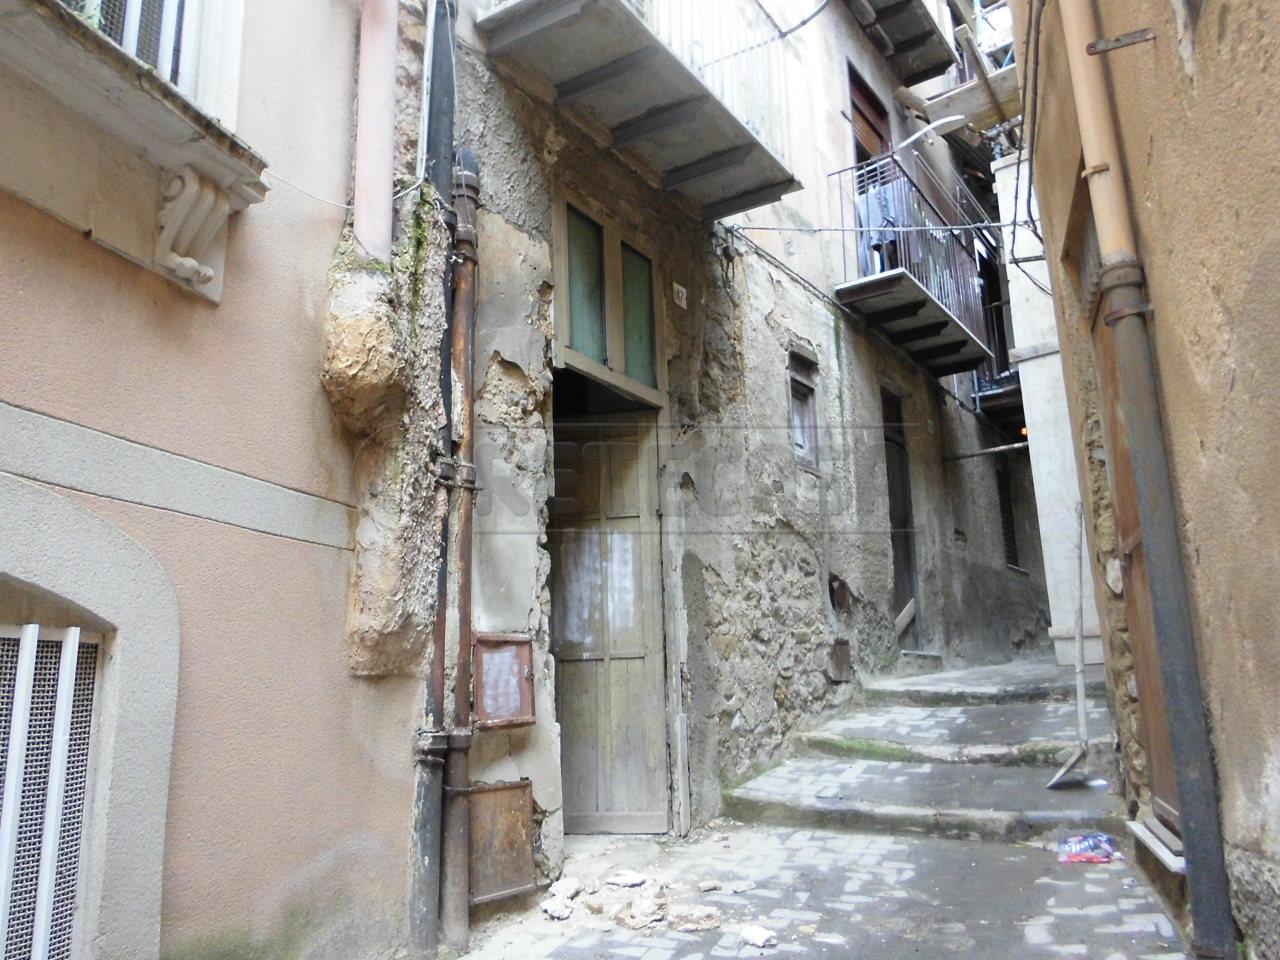 Magazzino in vendita a Caltanissetta, 1 locali, prezzo € 6.000 | CambioCasa.it